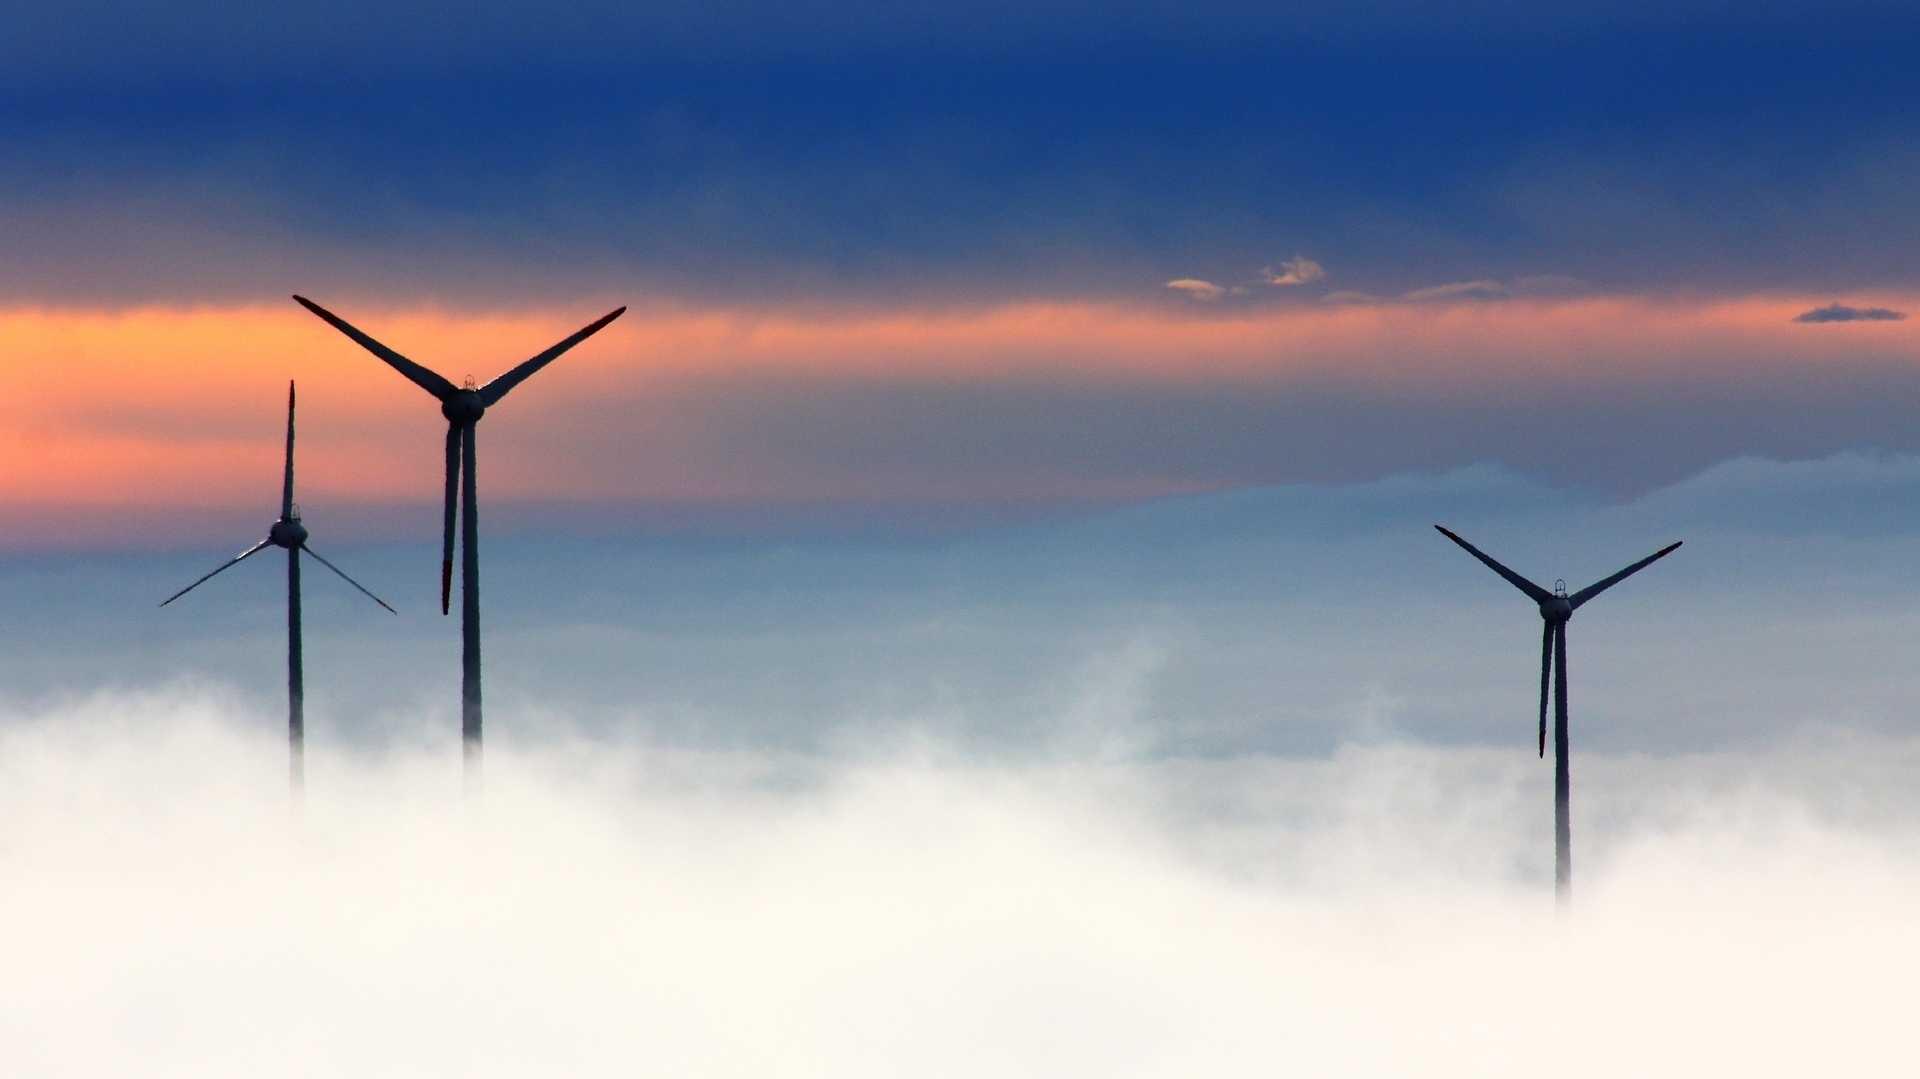 Ausbau von Windenergie in Deutschland rückgängig